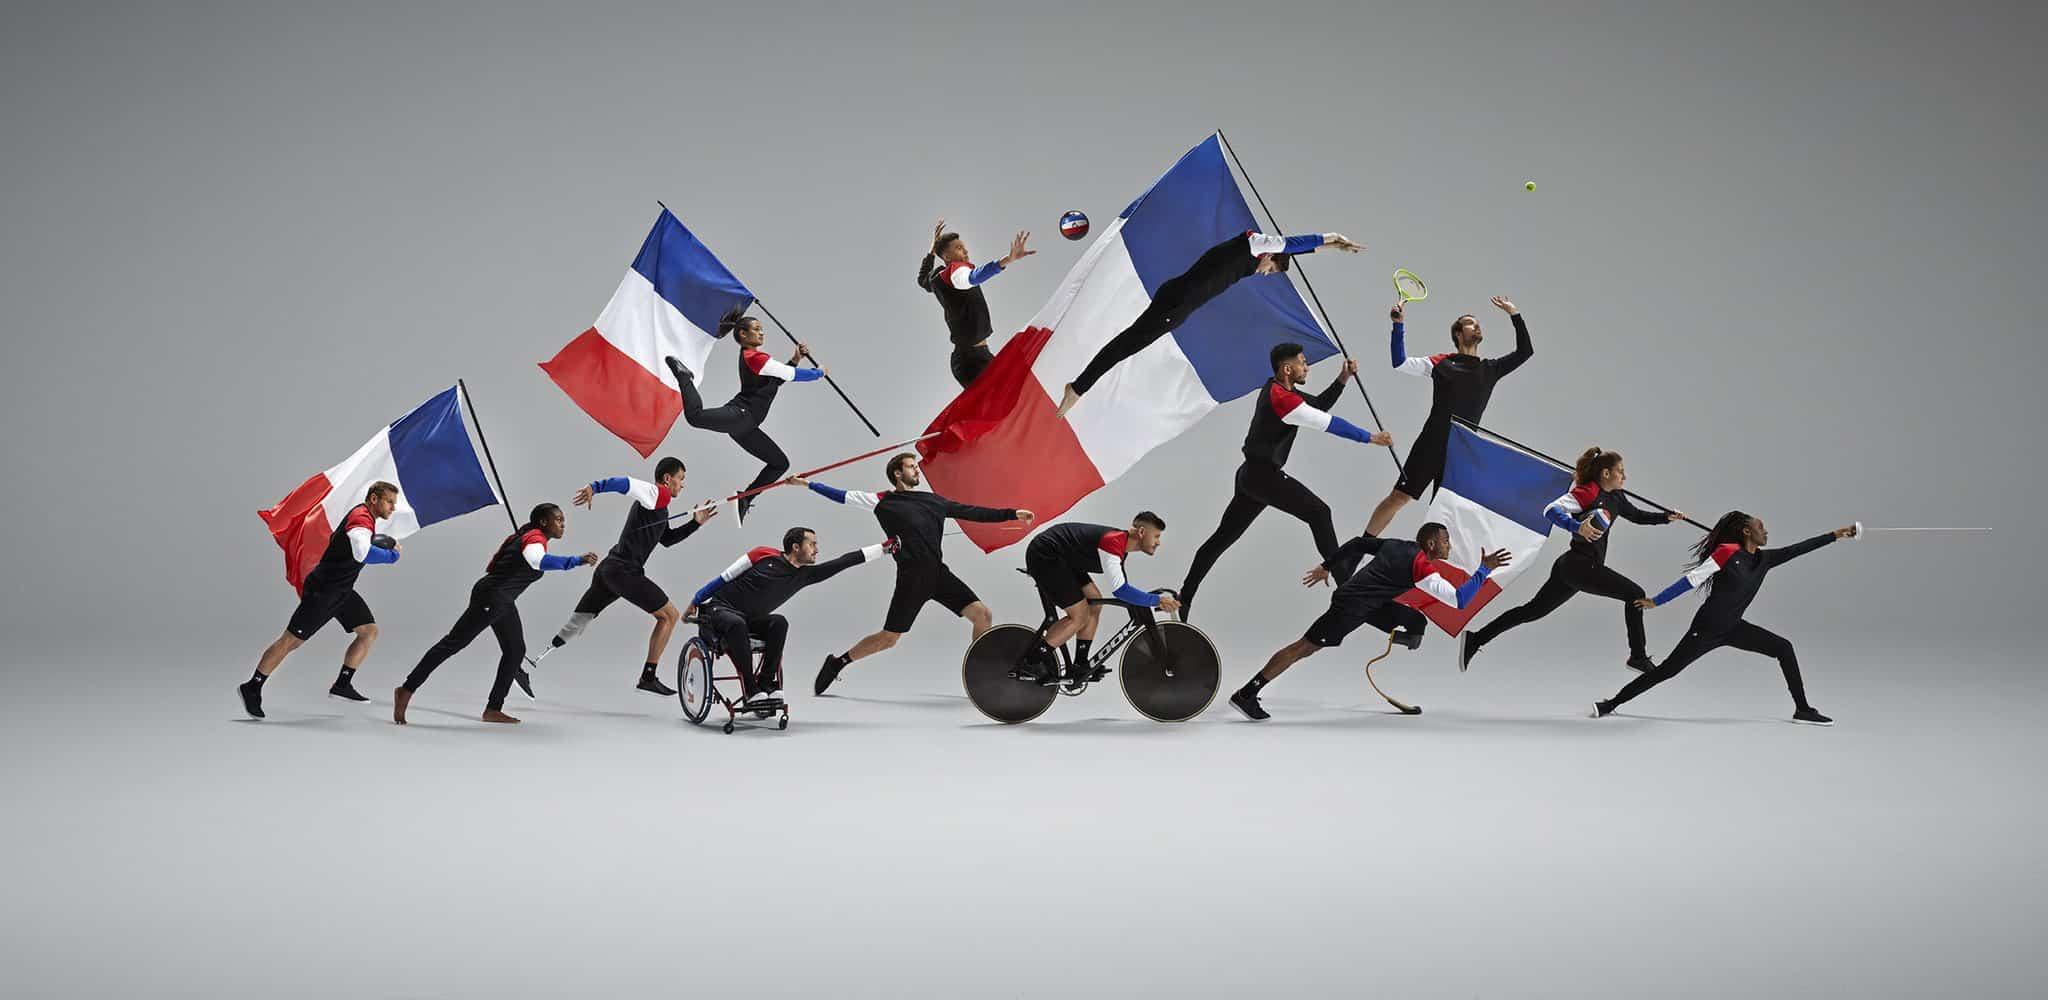 lacoste-ou-errea-quel-maillot-pour-lequipe-de-france-de-volley-aux-jo-2020-5